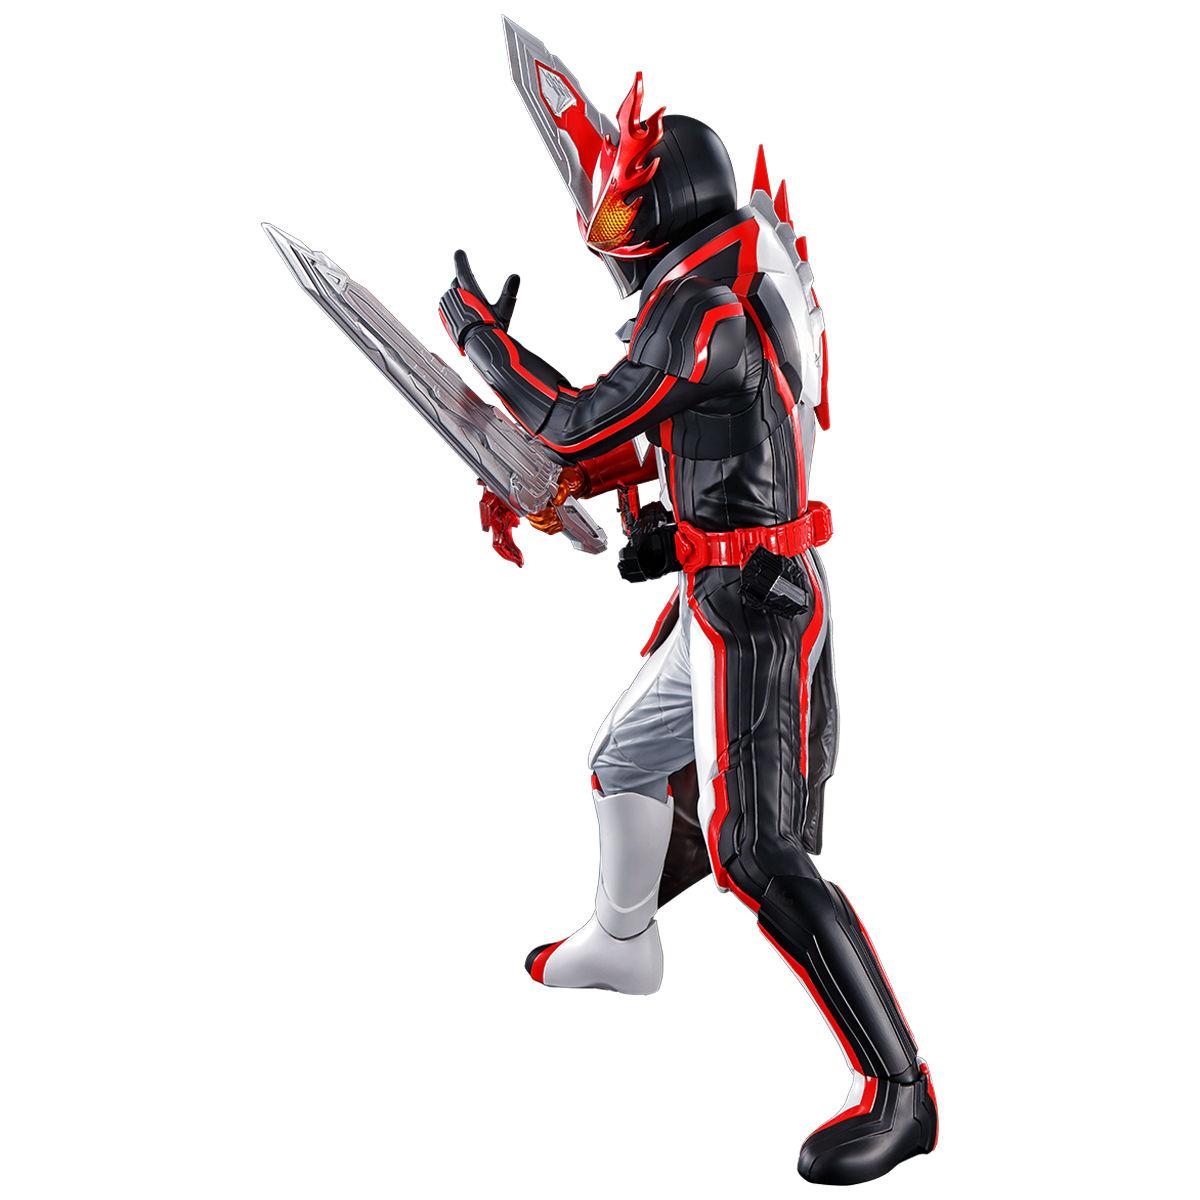 【限定販売】特大HEROES『仮面ライダーセイバー ブレイブドラゴン』完成品フィギュア-004